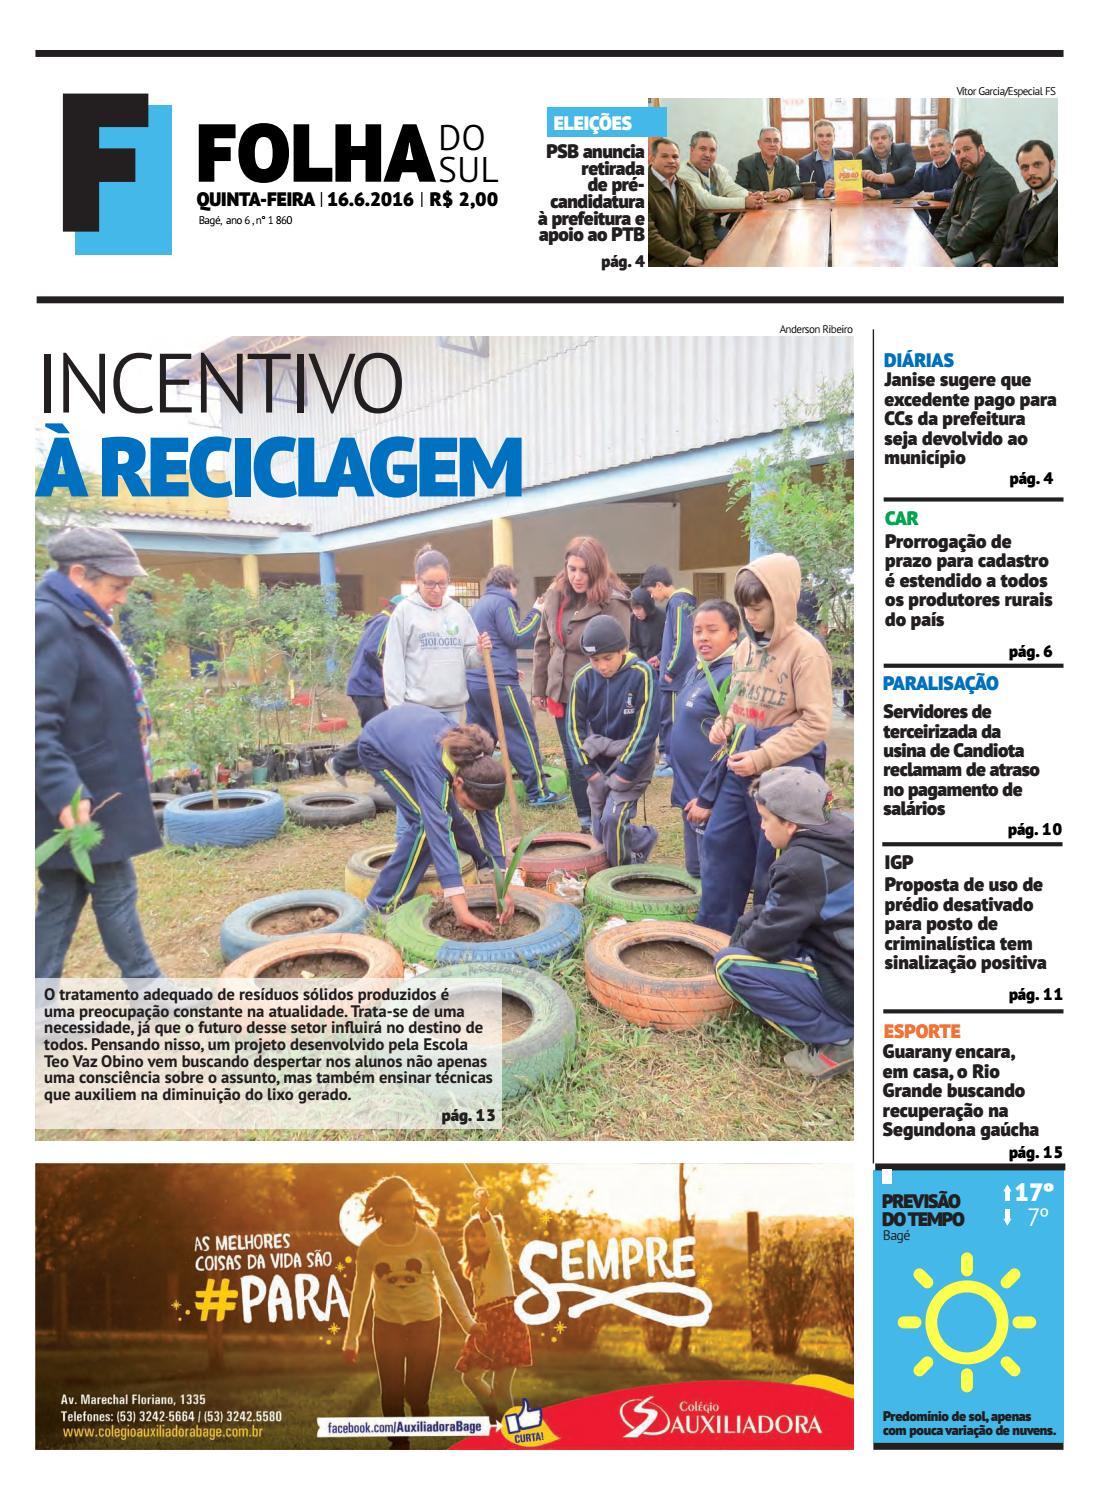 Jornal Folha do Sul, 17 de junho de 2016 by Folha do Sul Gaúcho - issuu 61efd1c619